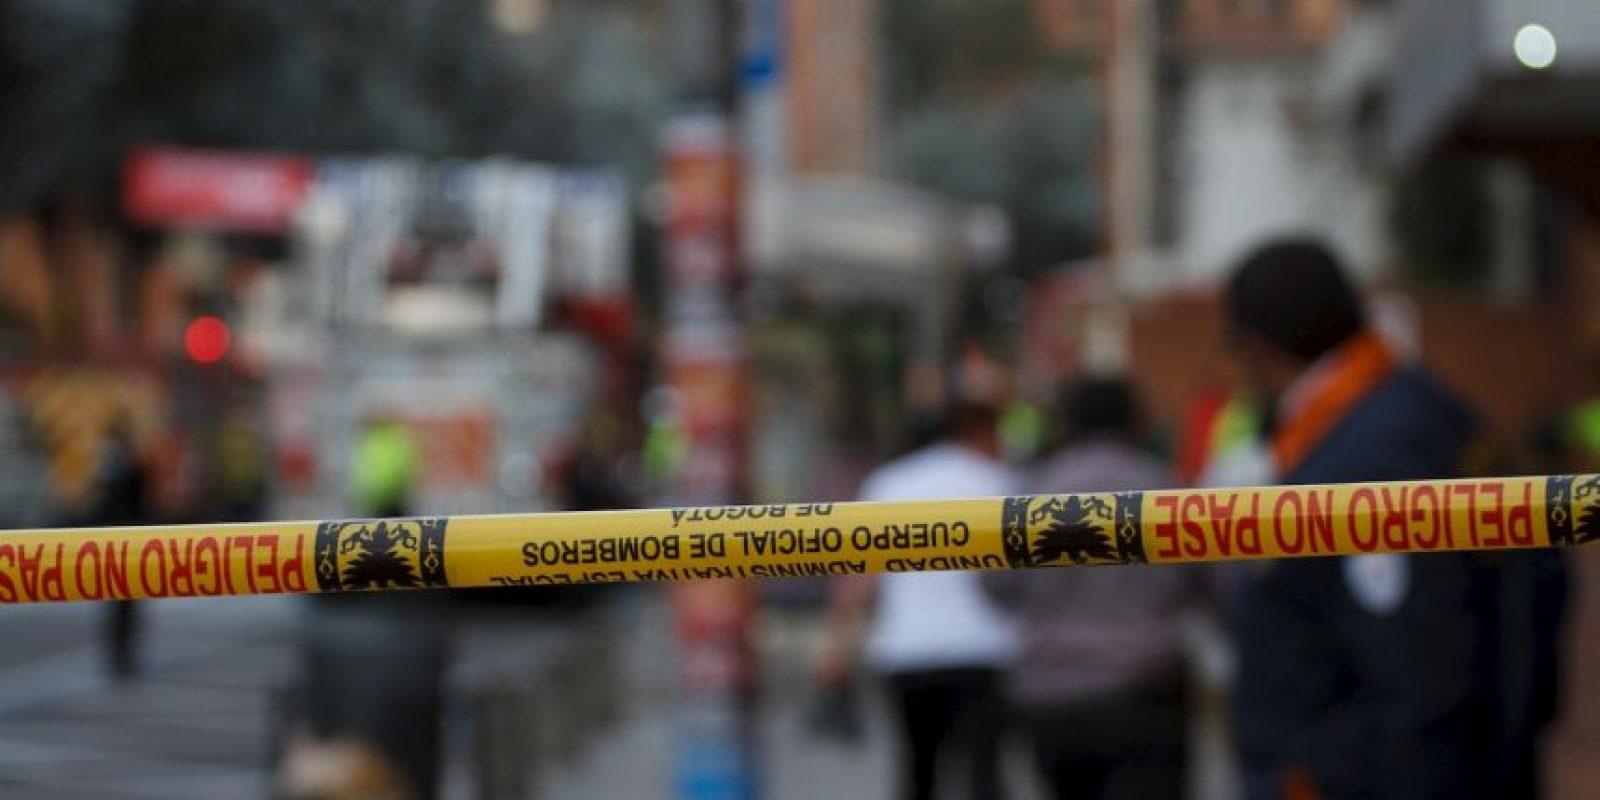 Las autoridades manifestaron que se trató de atentados contra las instalaciones. Foto:Juan Pablo Pino/Publimetro Colombia